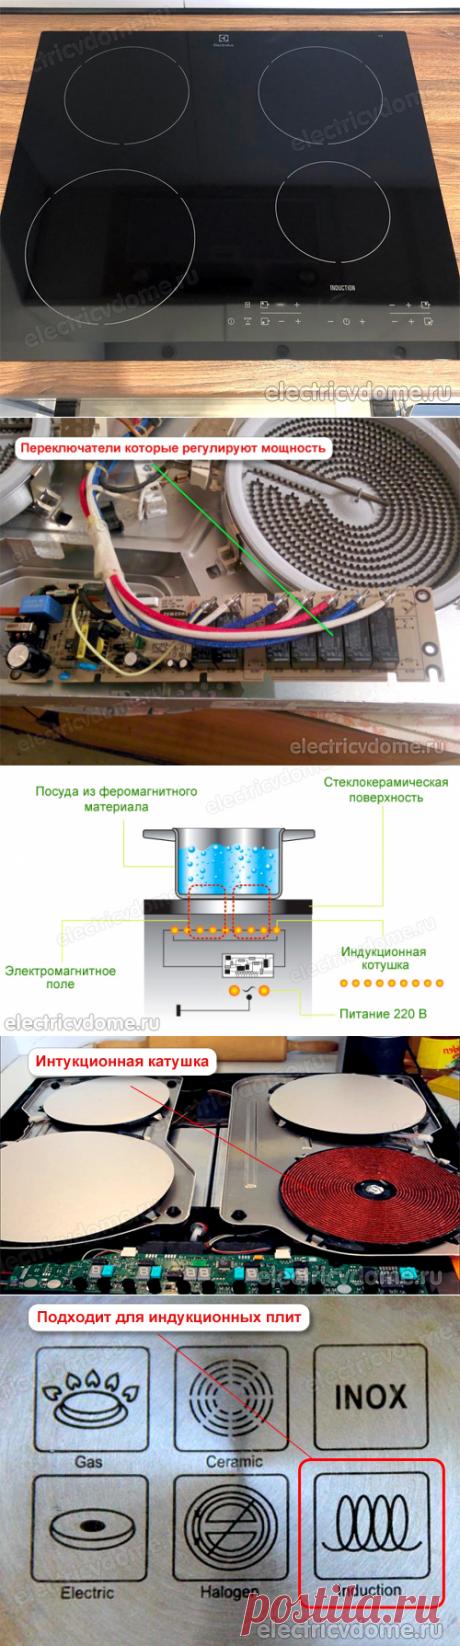 Индукционная варочная панель или электрическая что лучше